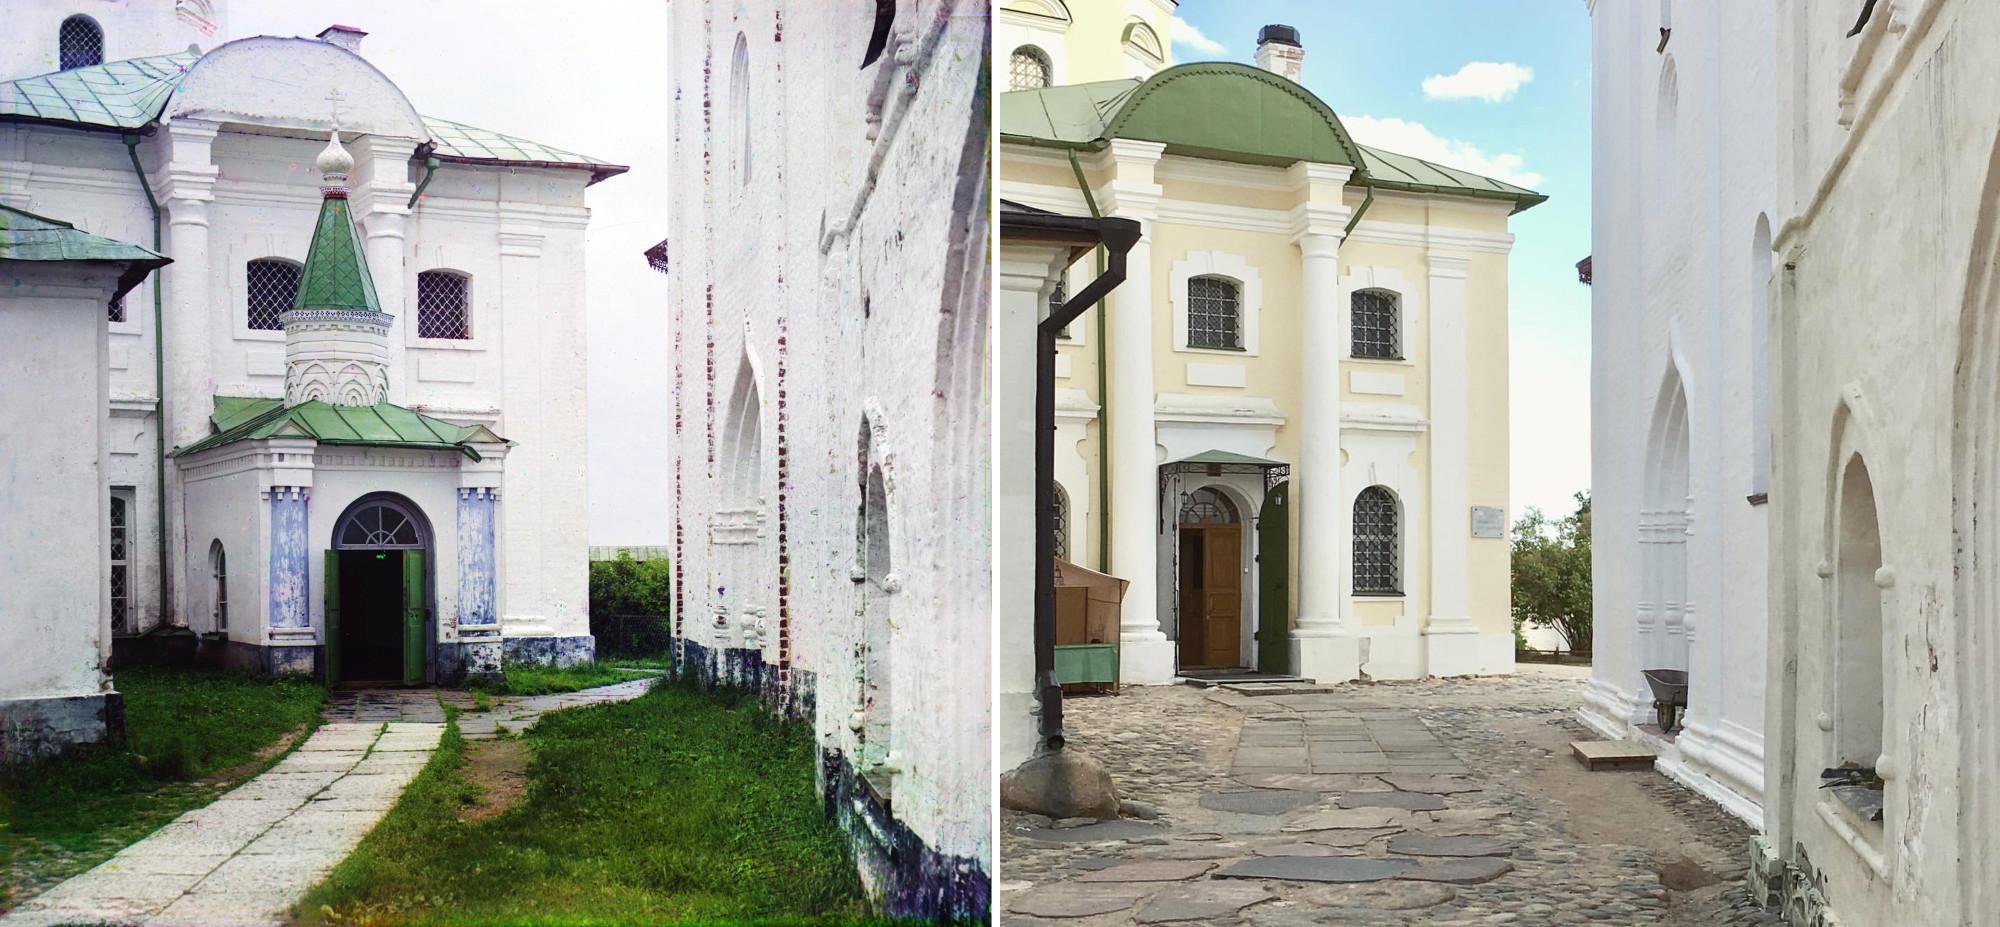 2019-1909 Александра Меланич  (Sasha_Edet)